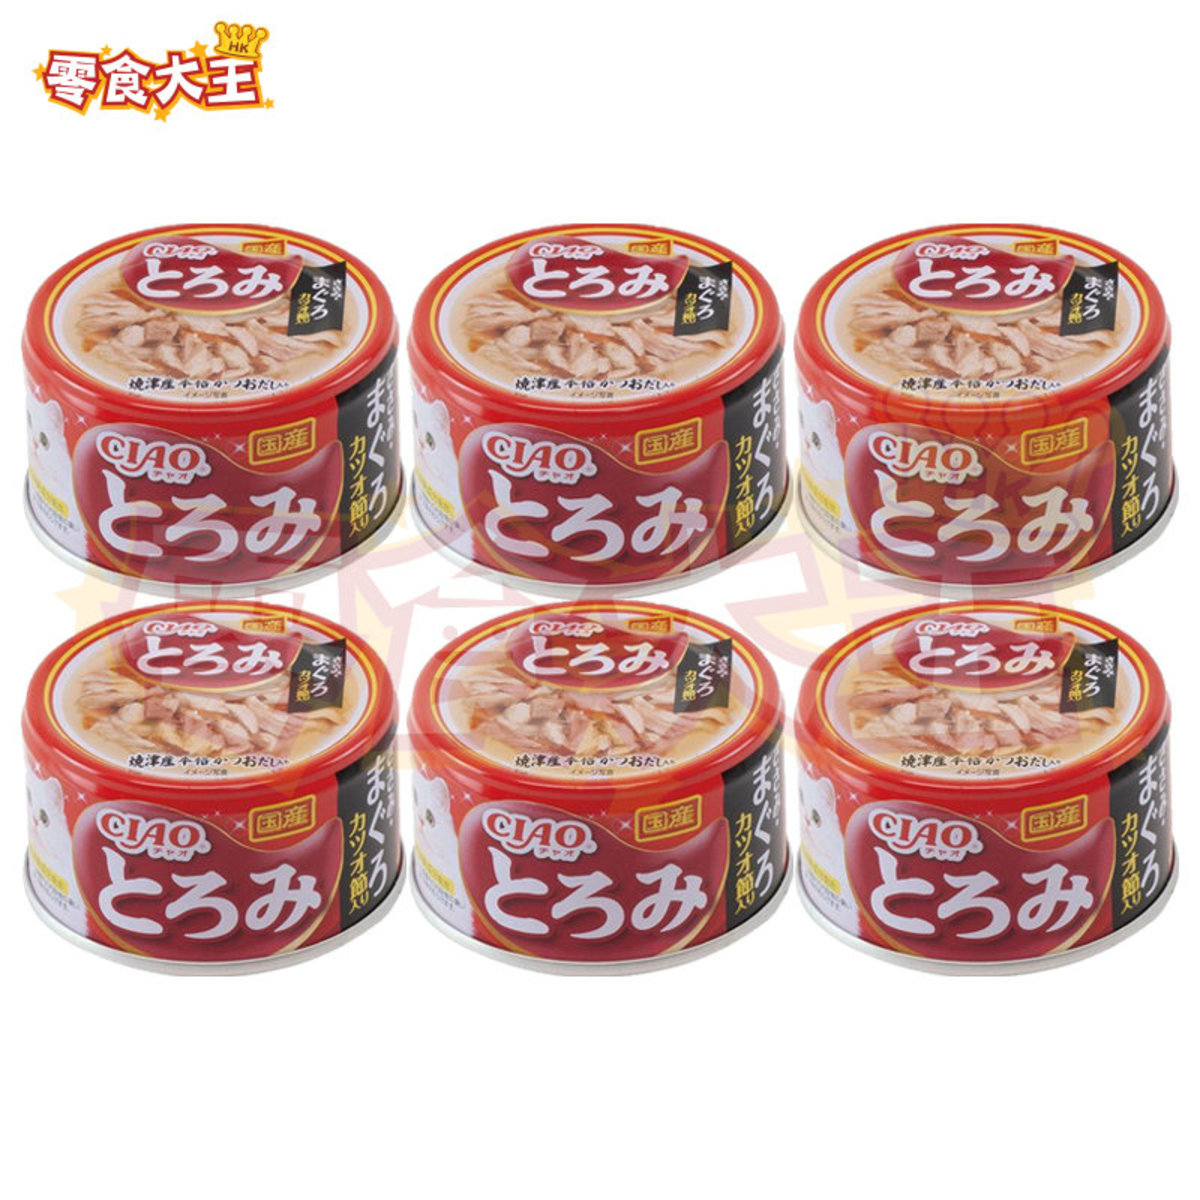 雞胸肉&金槍魚 鰹魚湯貓罐頭 A-42 80g x 6罐 (4901133061769_6)